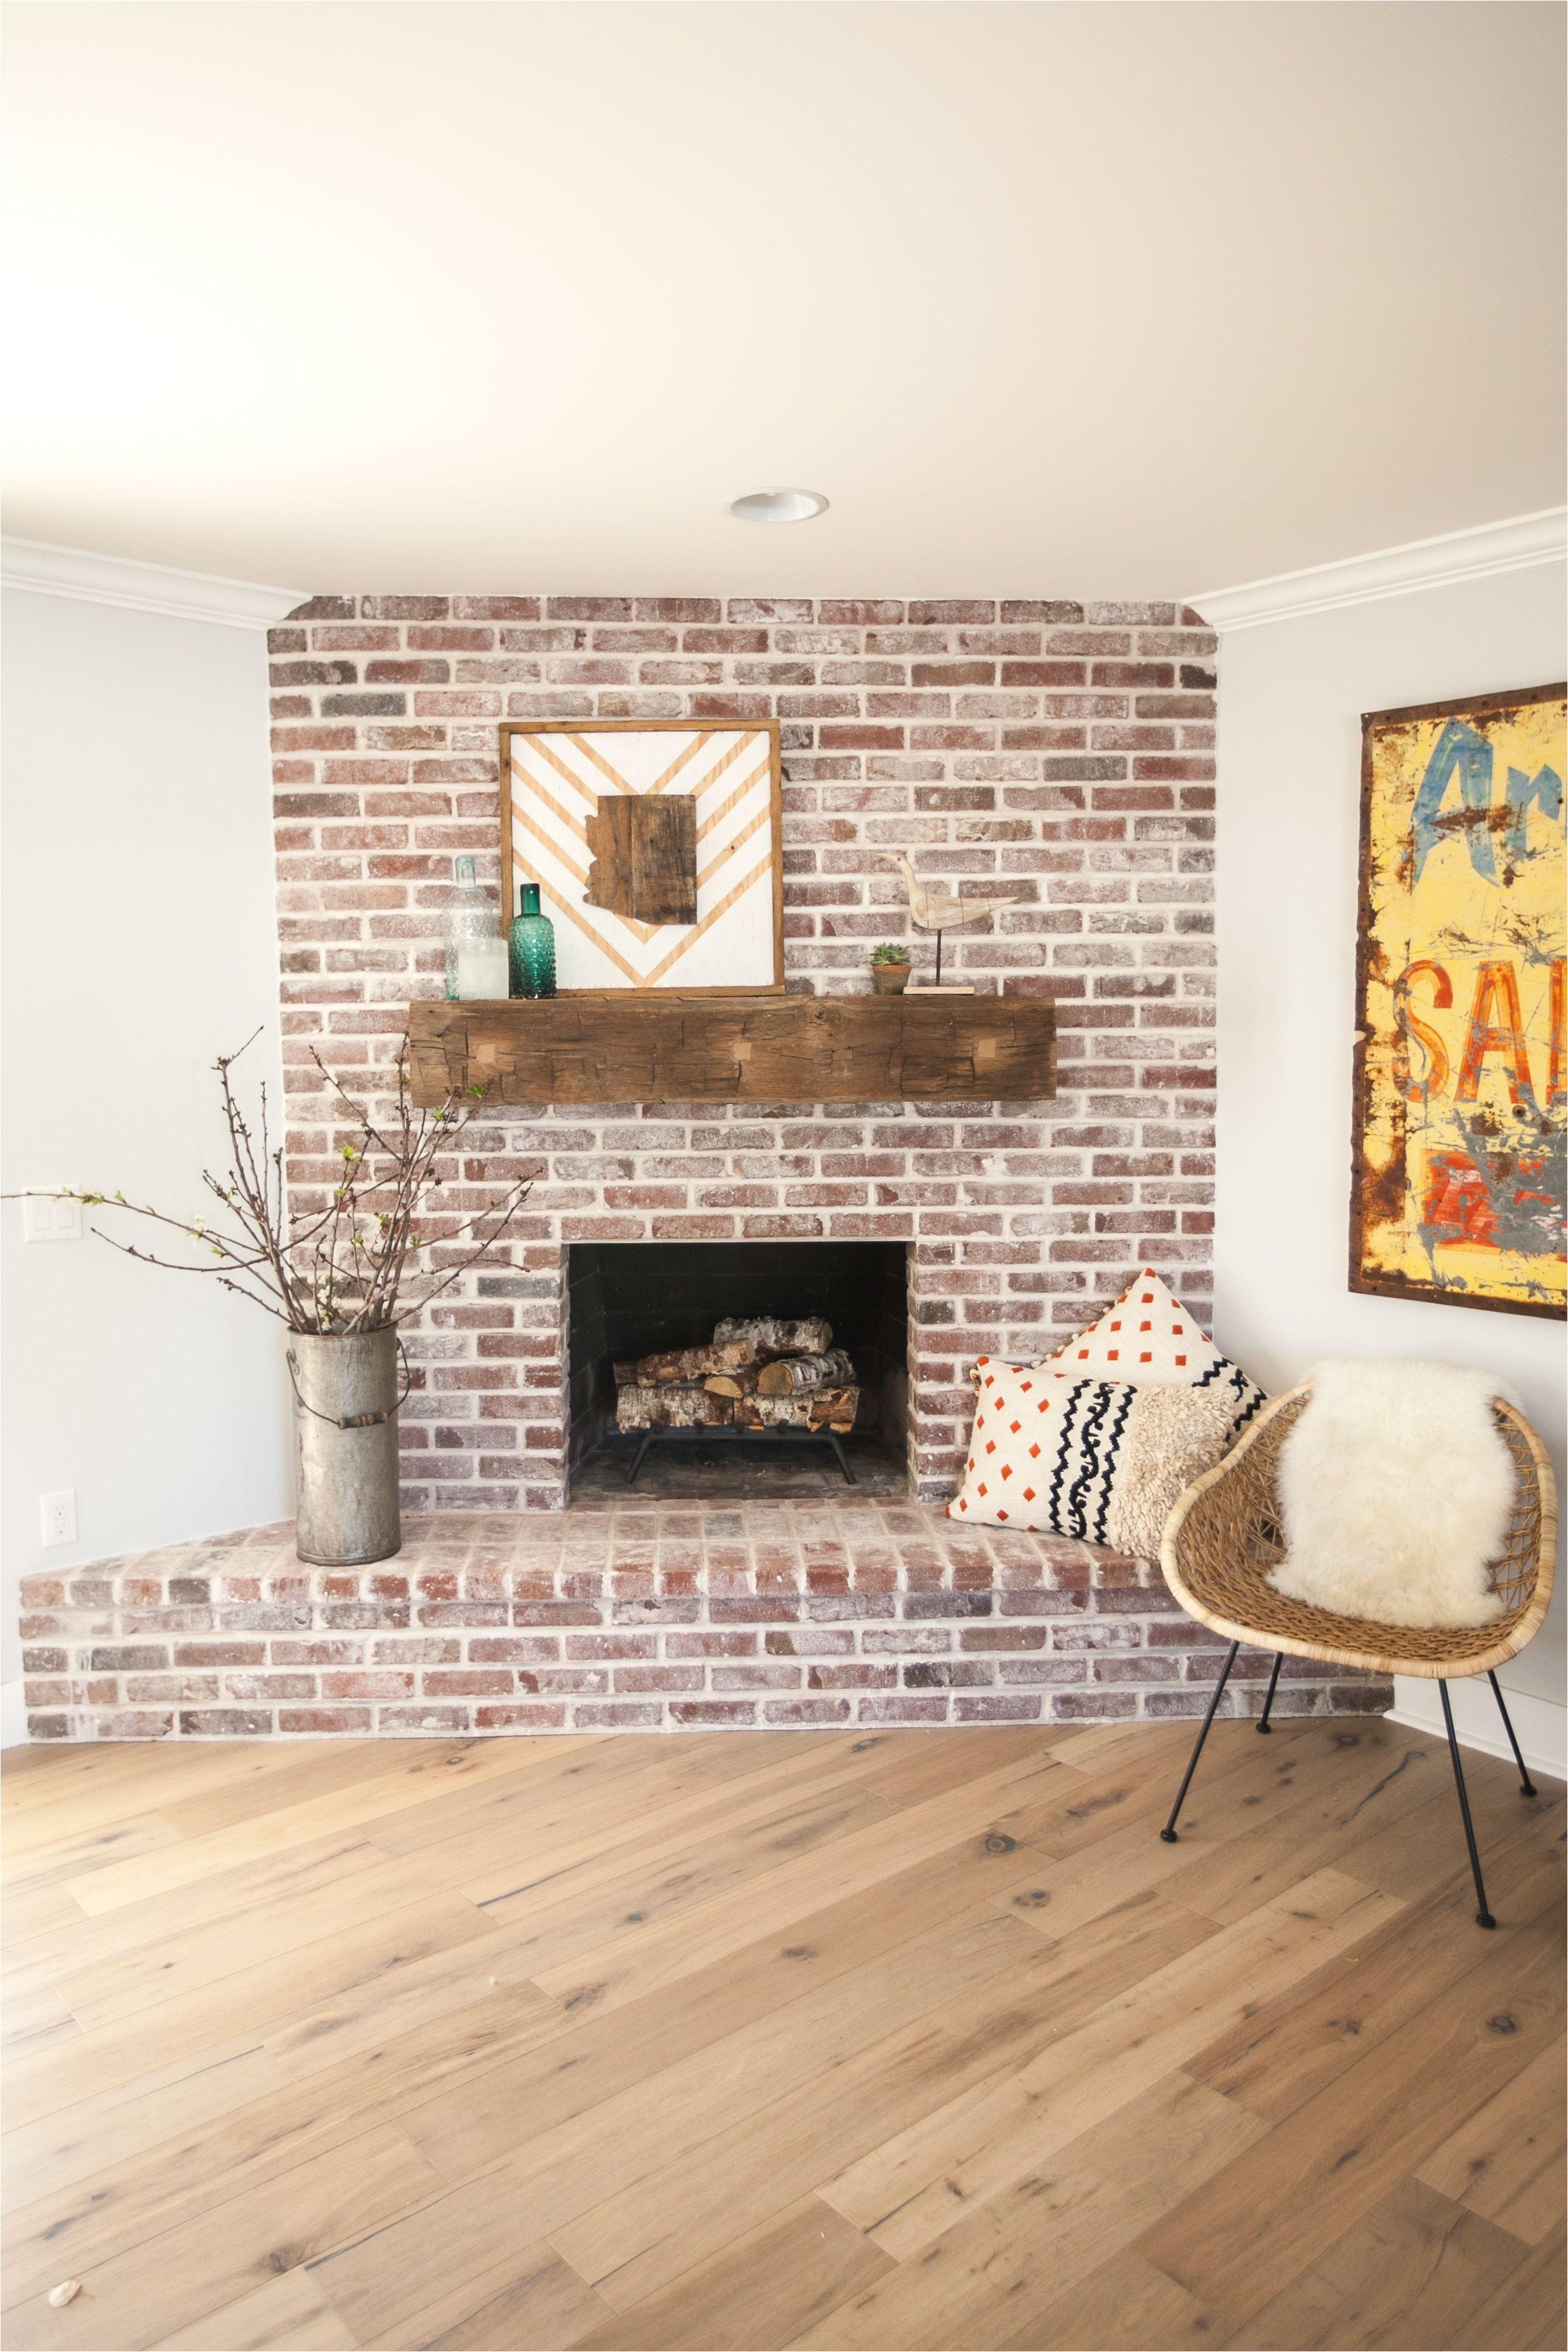 chic whitewashing brick fireplace surround with custom brick fireplace with antique white mortar and custom